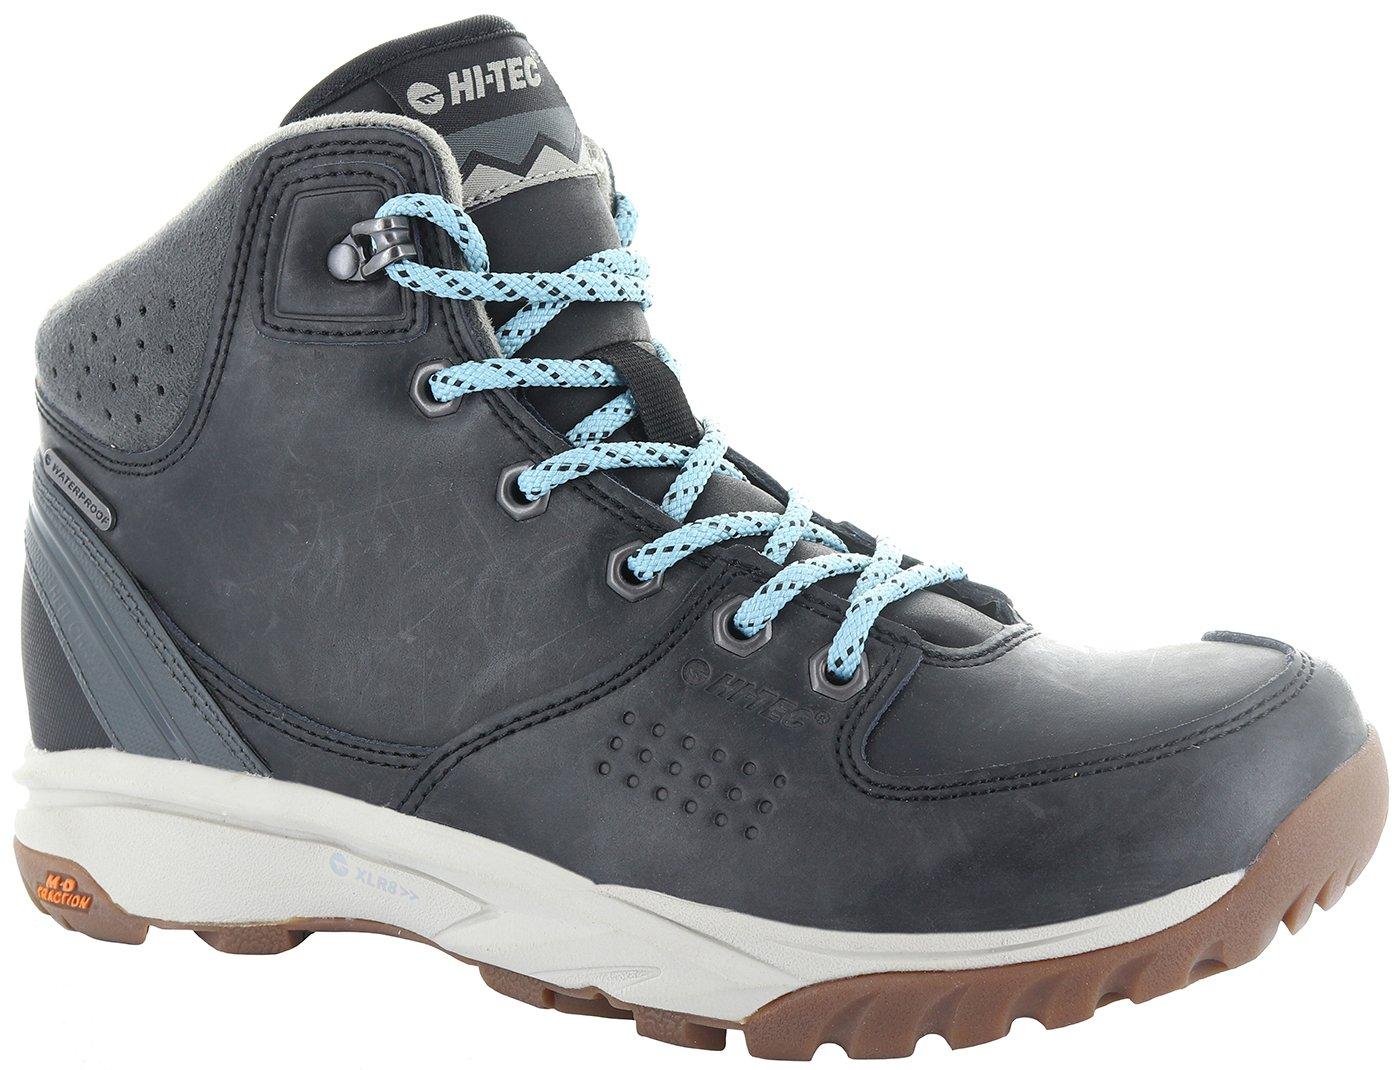 Hi-Tec Women's Wild-Fire Lux I Waterproof Hiking Boot B01N6DS2GK 9.5 B(M) US|Black